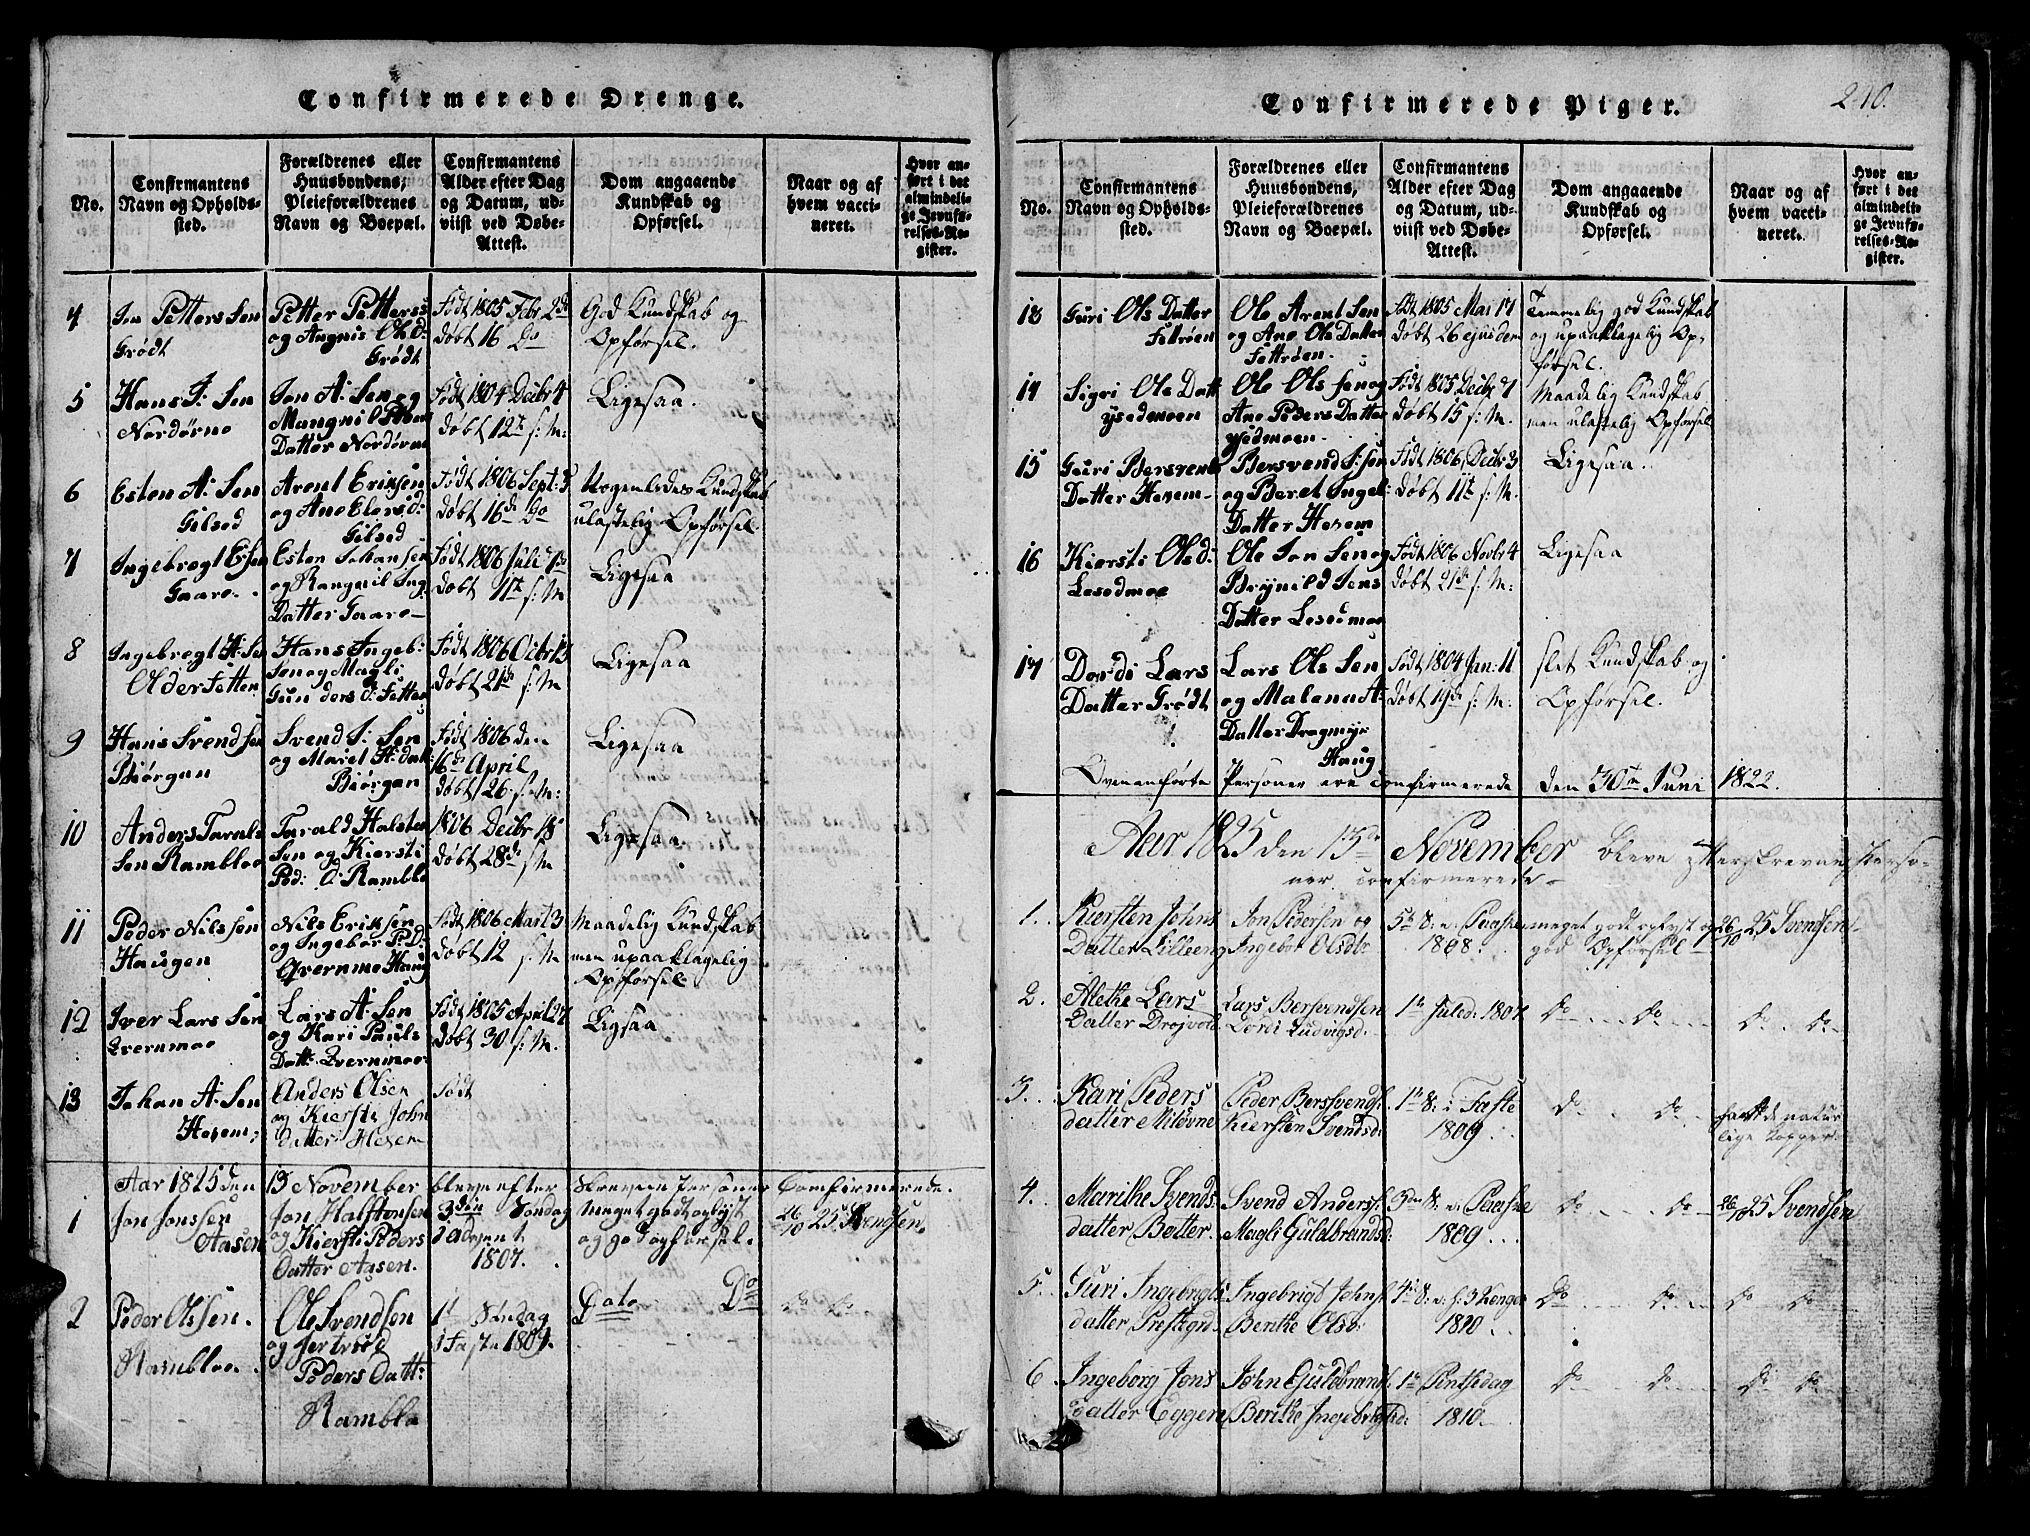 SAT, Ministerialprotokoller, klokkerbøker og fødselsregistre - Sør-Trøndelag, 685/L0976: Klokkerbok nr. 685C01, 1817-1878, s. 240